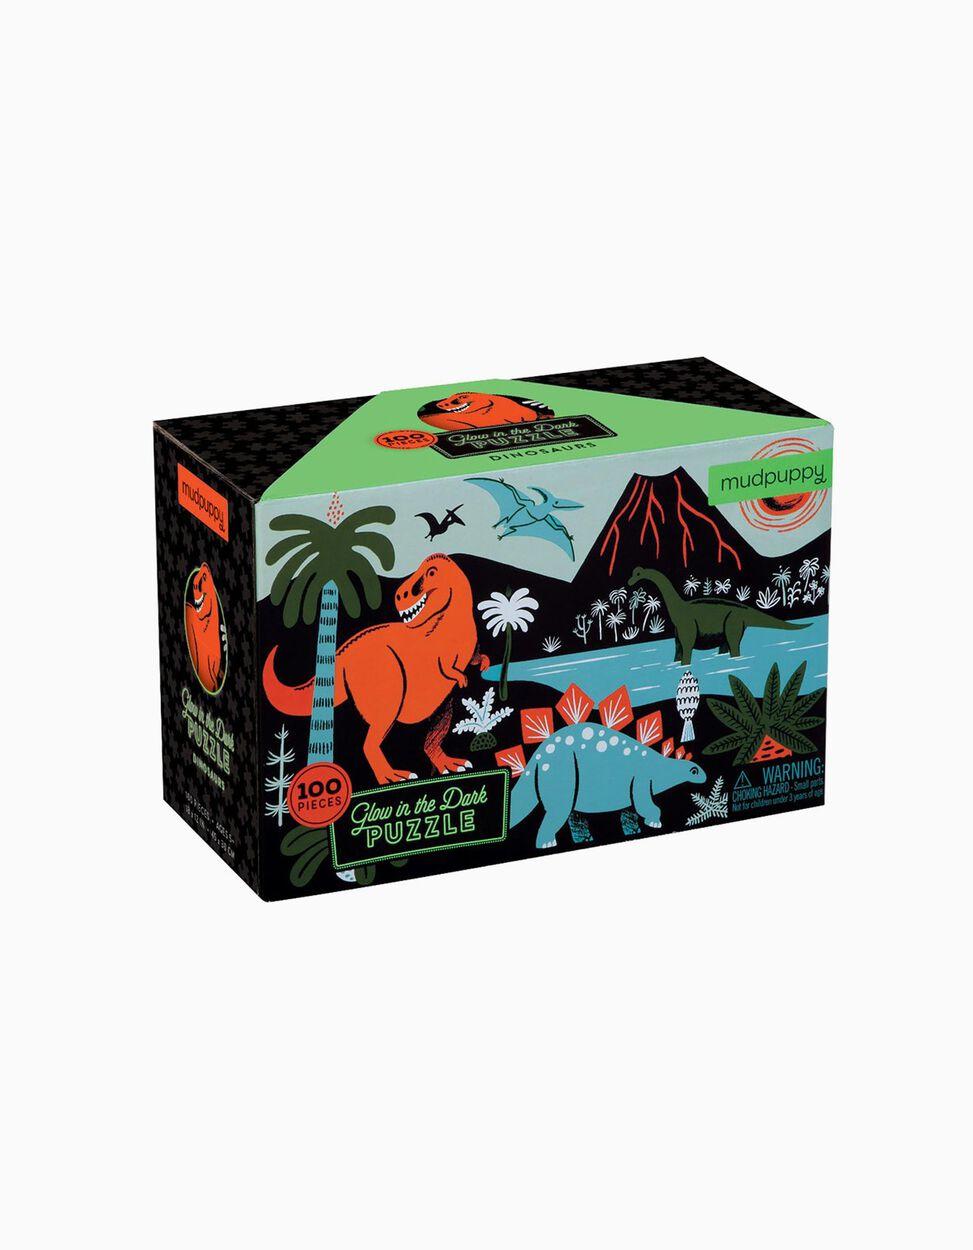 Puzzle de Dinossauros que brilha no escuro Mudpuppy